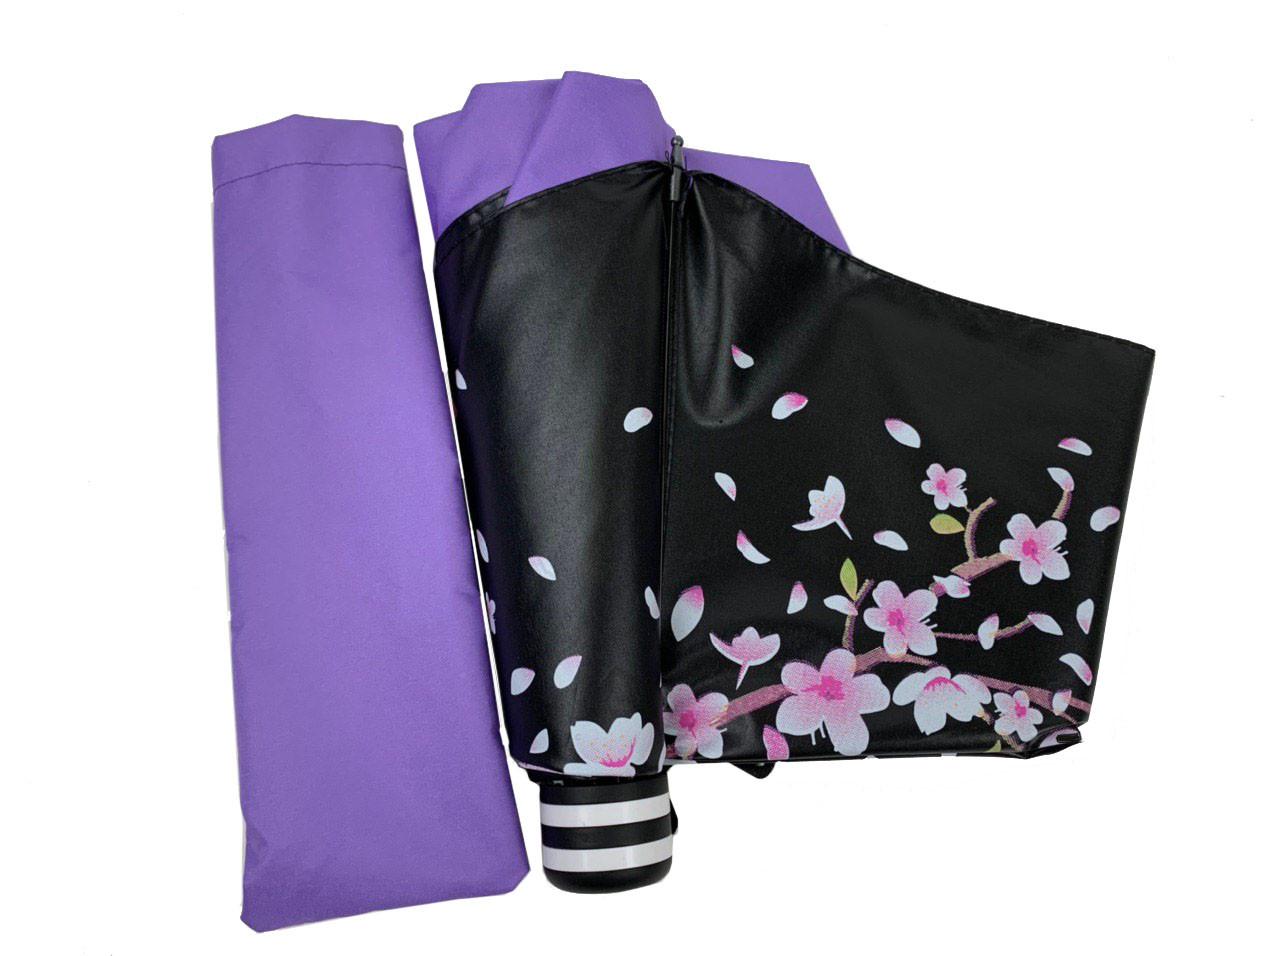 Механічний жіночий парасольку в три складання з принтом гілки сакури, фіолетовий, 8308-3